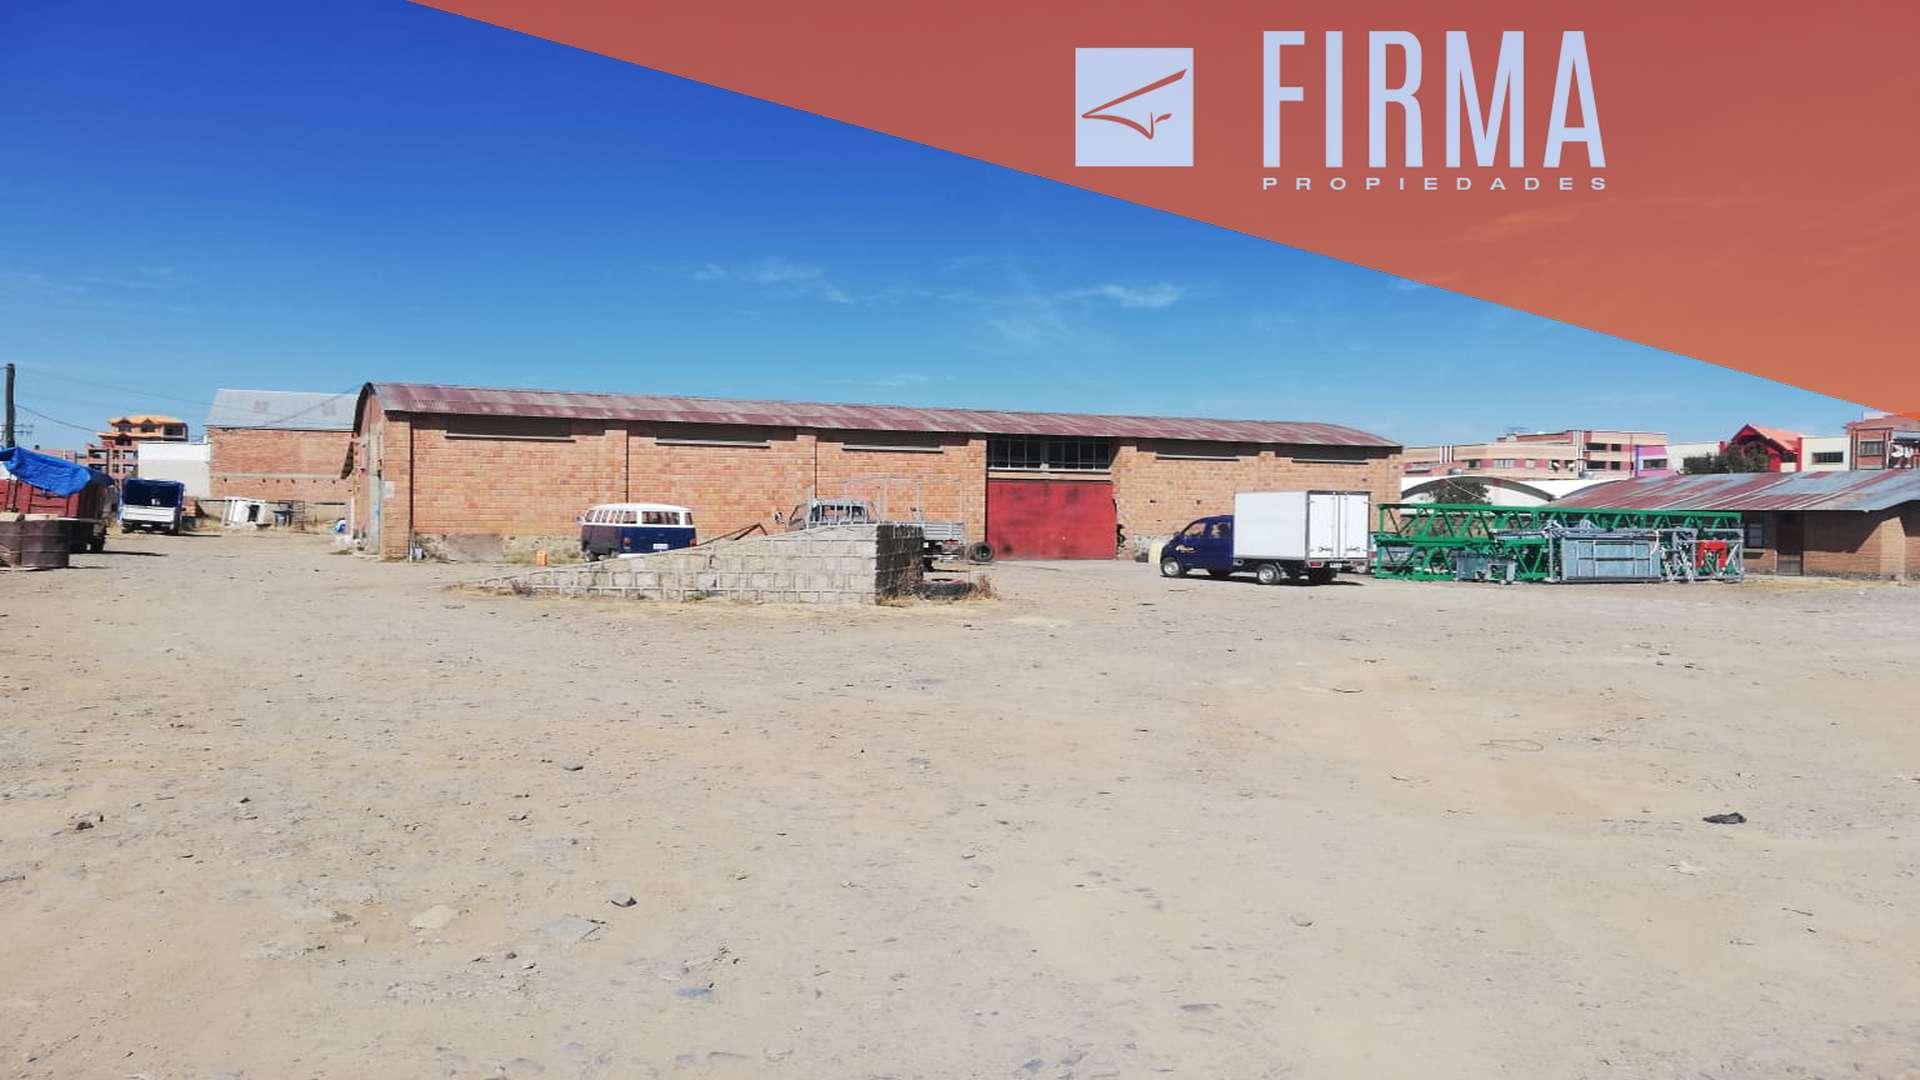 Terreno en Venta FTV36593 – COMPRA TU TERRENO EN EL ALTO Foto 6